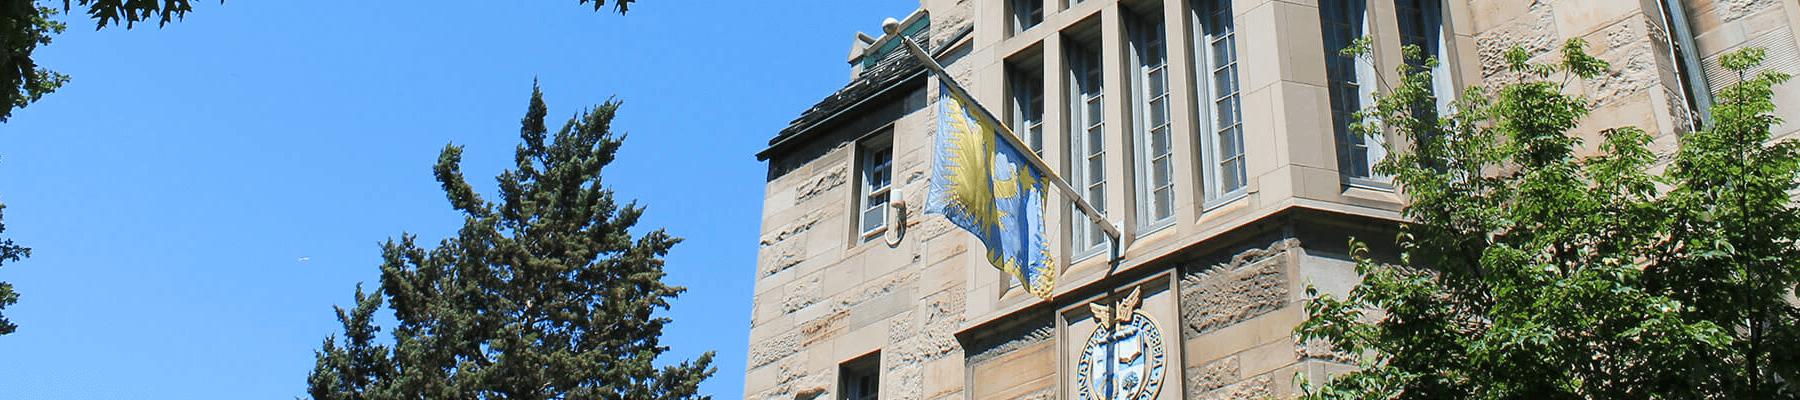 St. Mike's 180: Three Strategic Priorities